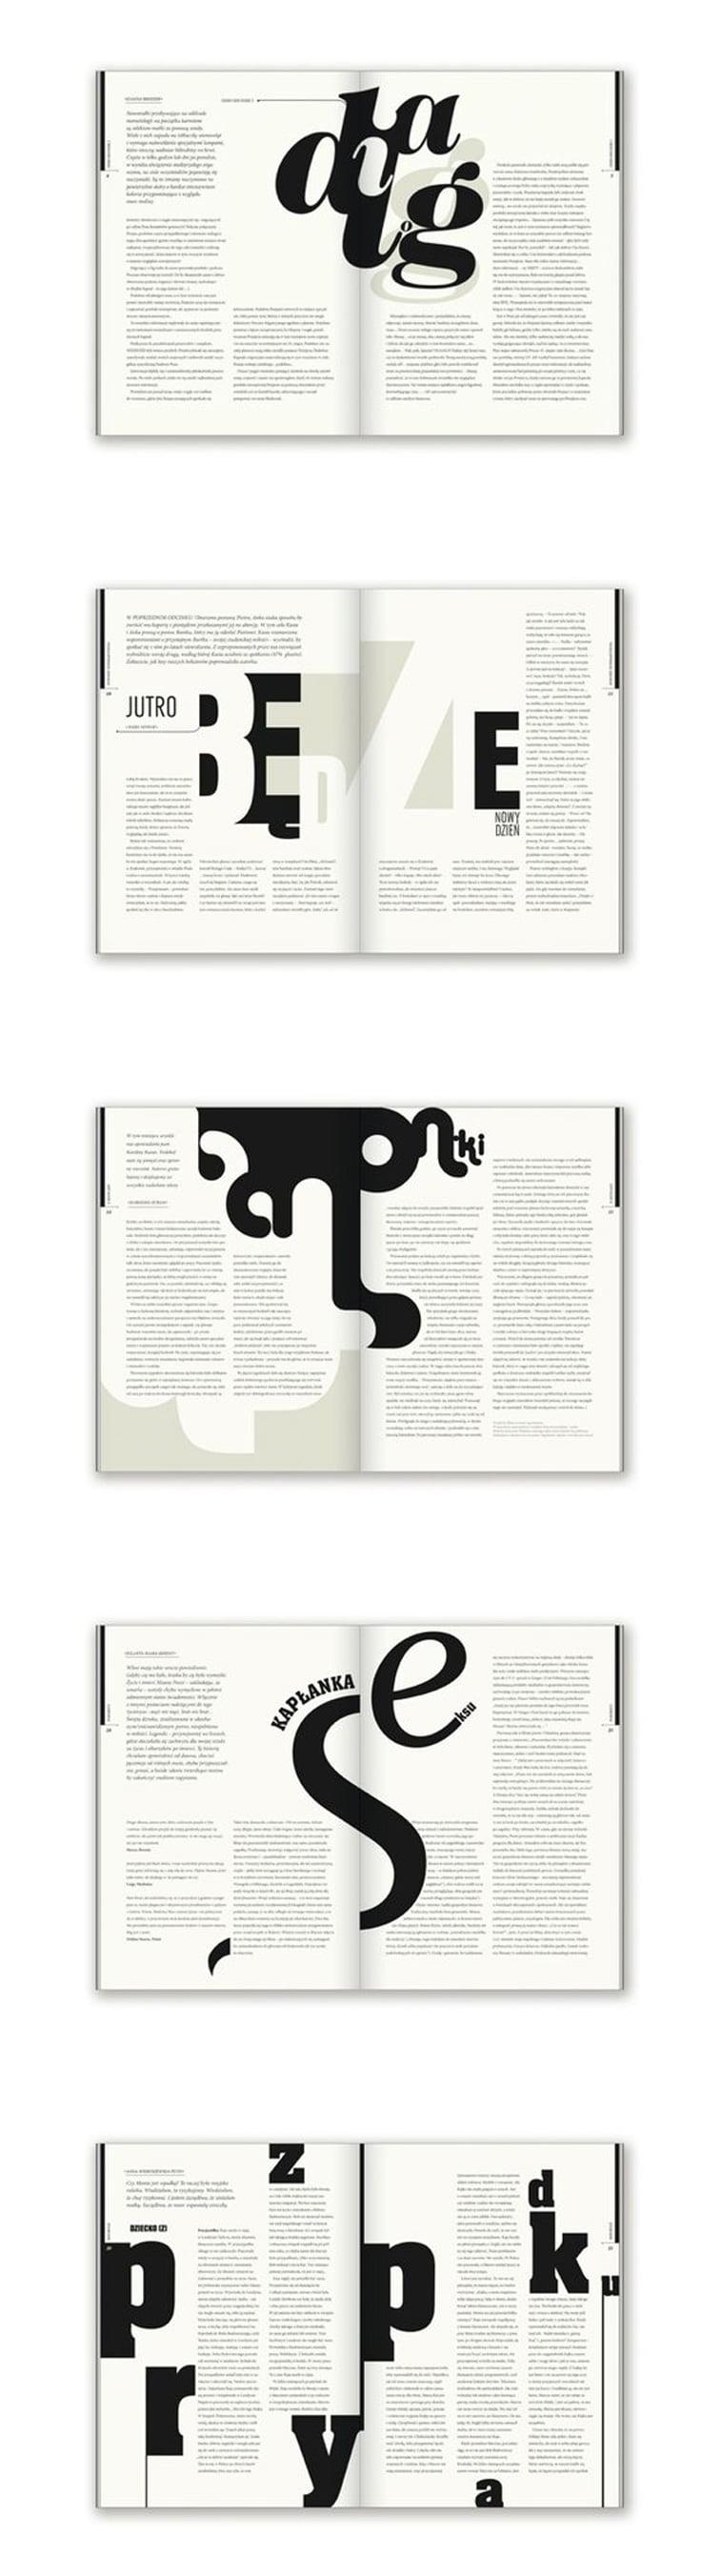 dizjan casopisa spread layout crno belo tipografija